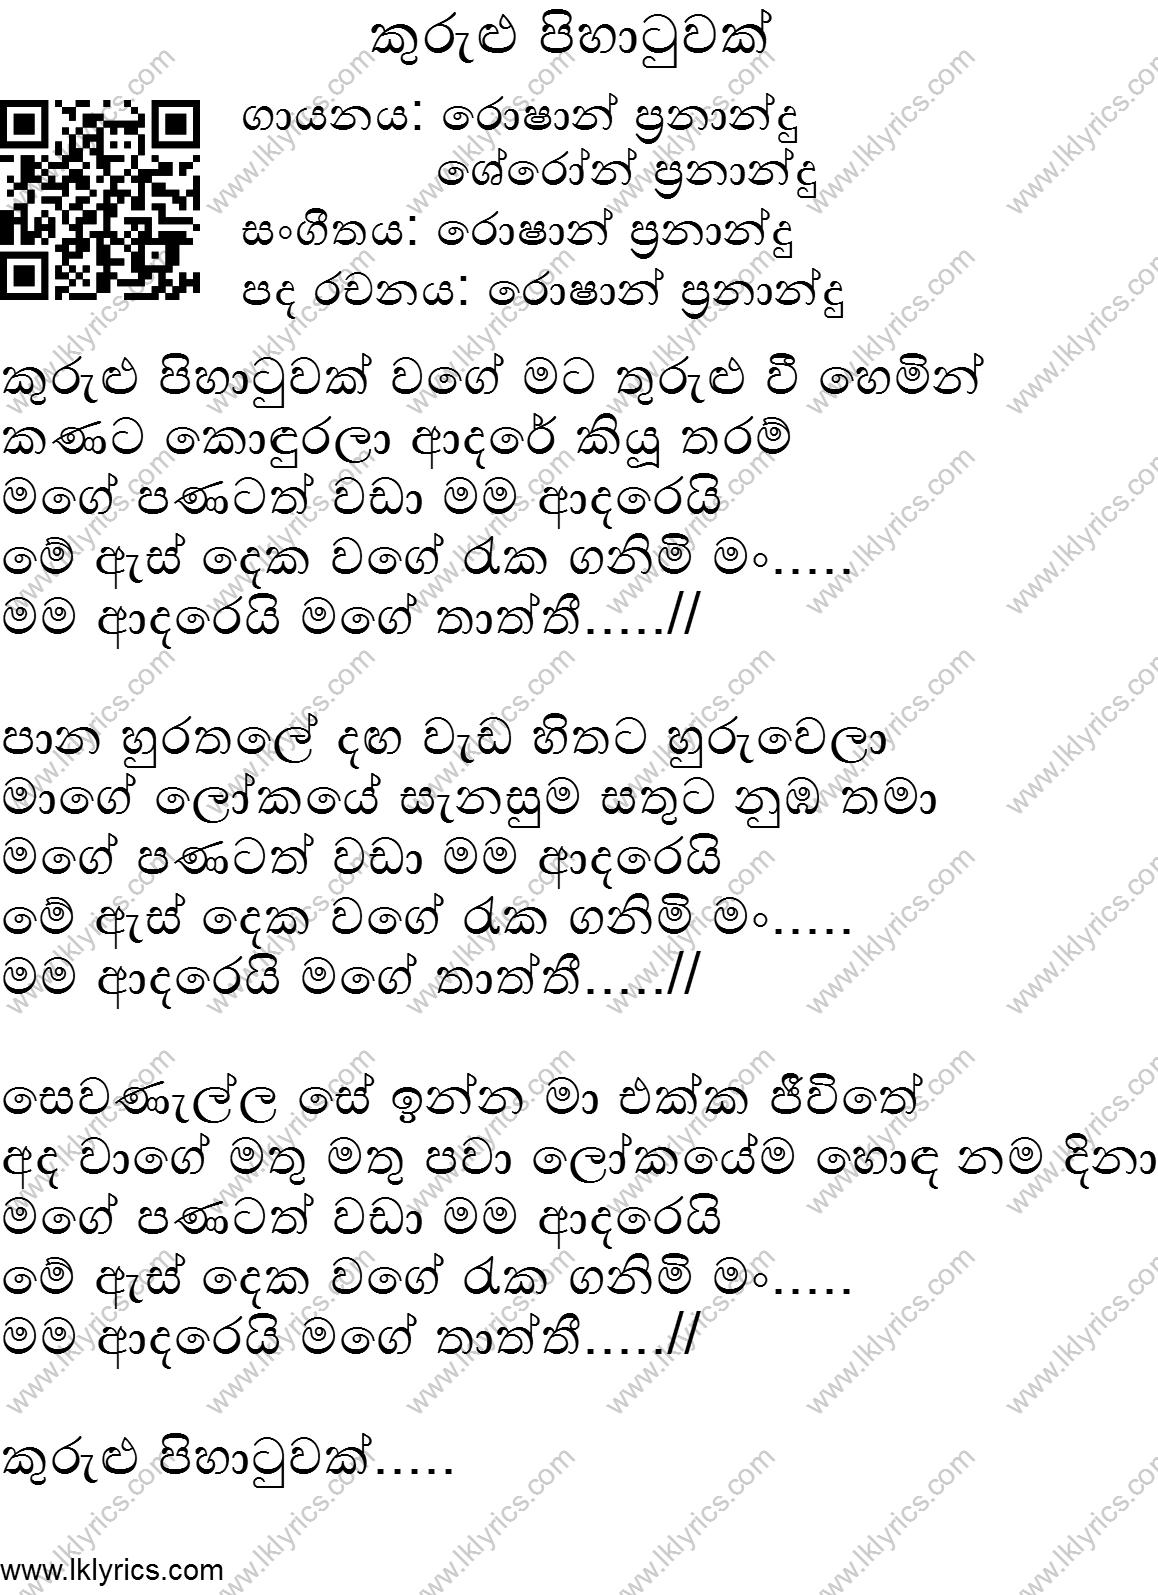 Supem suwadak aran lyrics